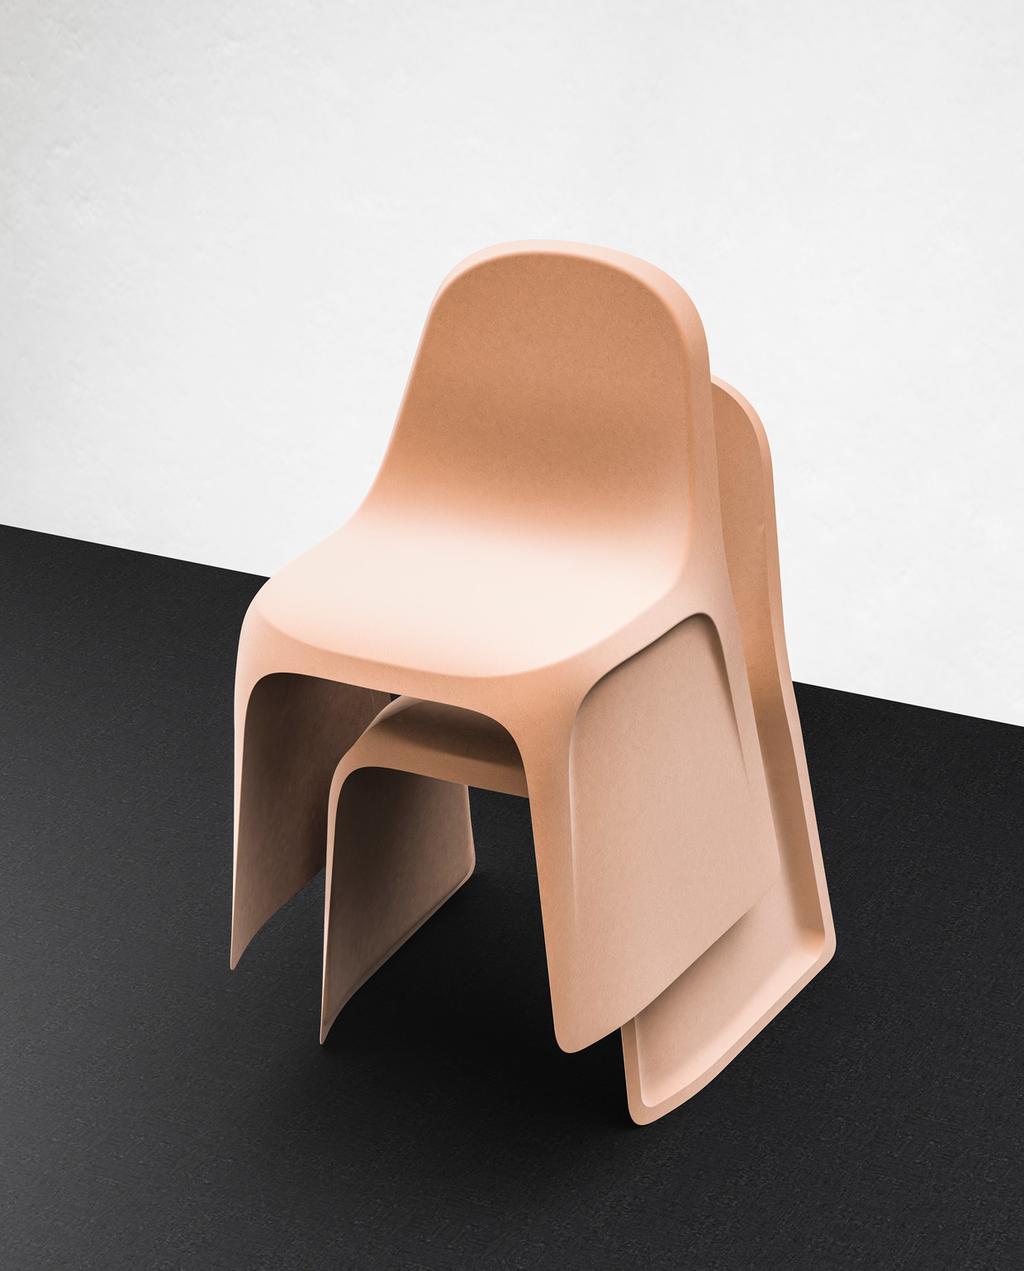 stoelen gemaakt van kraft papier